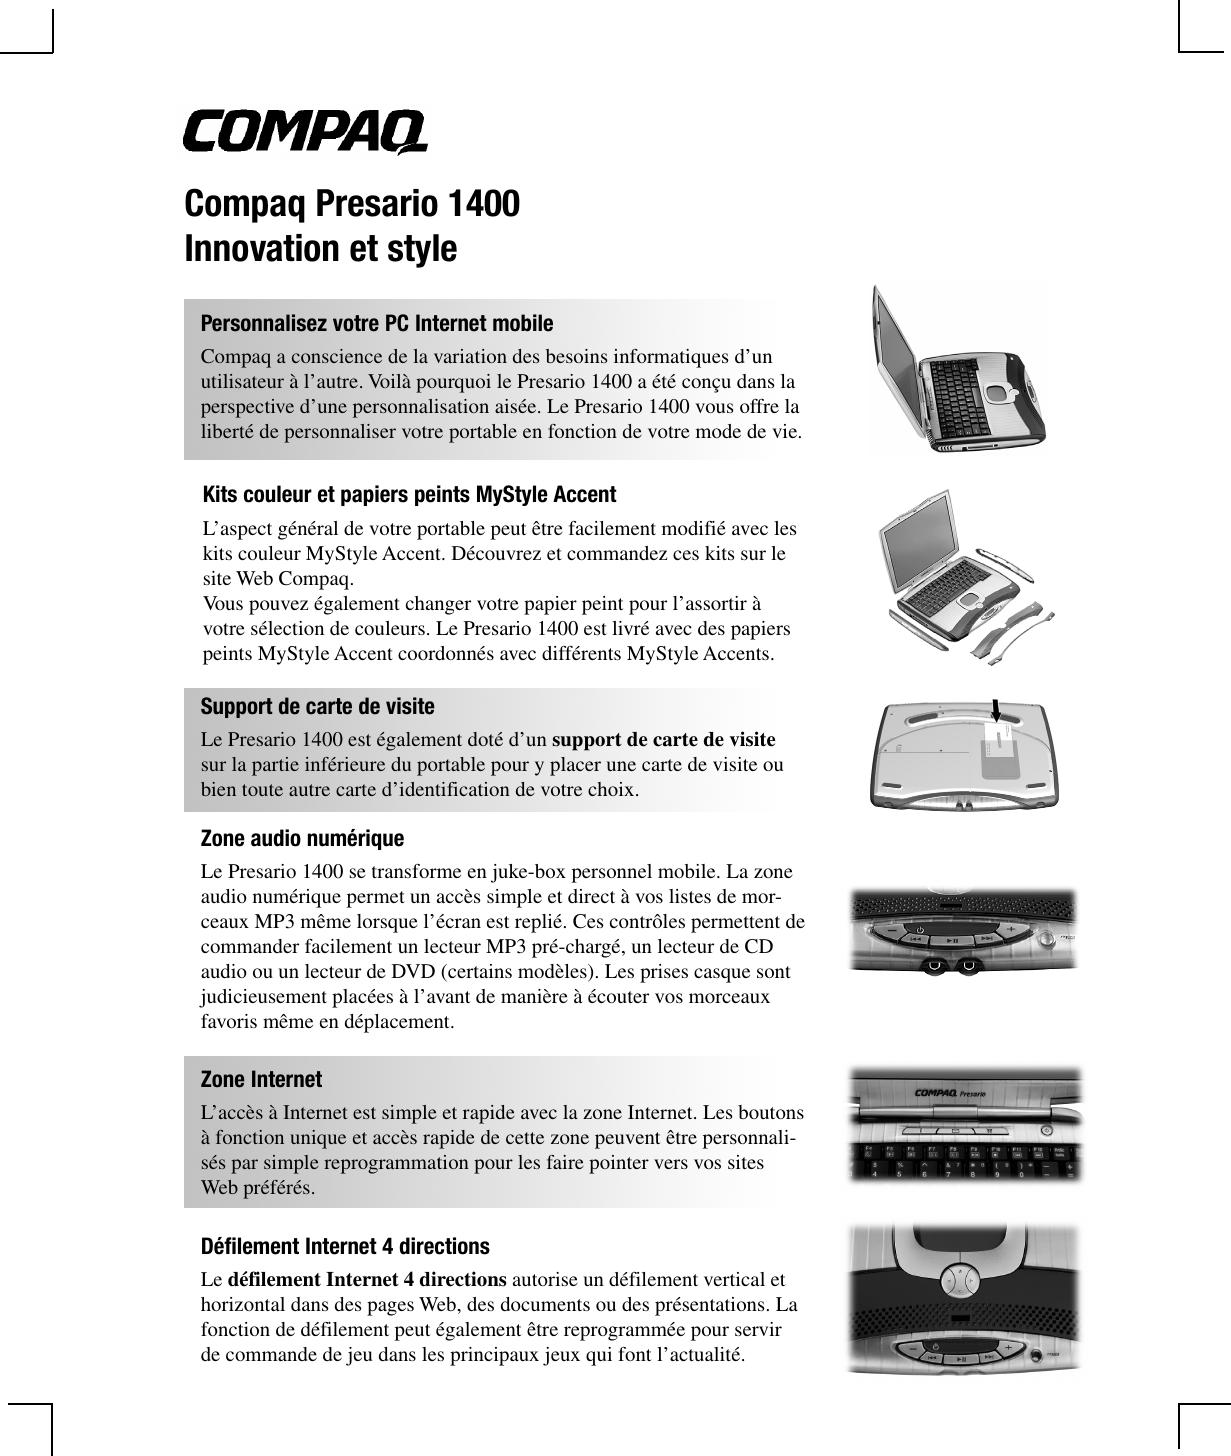 2 Papiers Peints Différents hp 203412 051.p65 compaq presario 1400 innovation et style